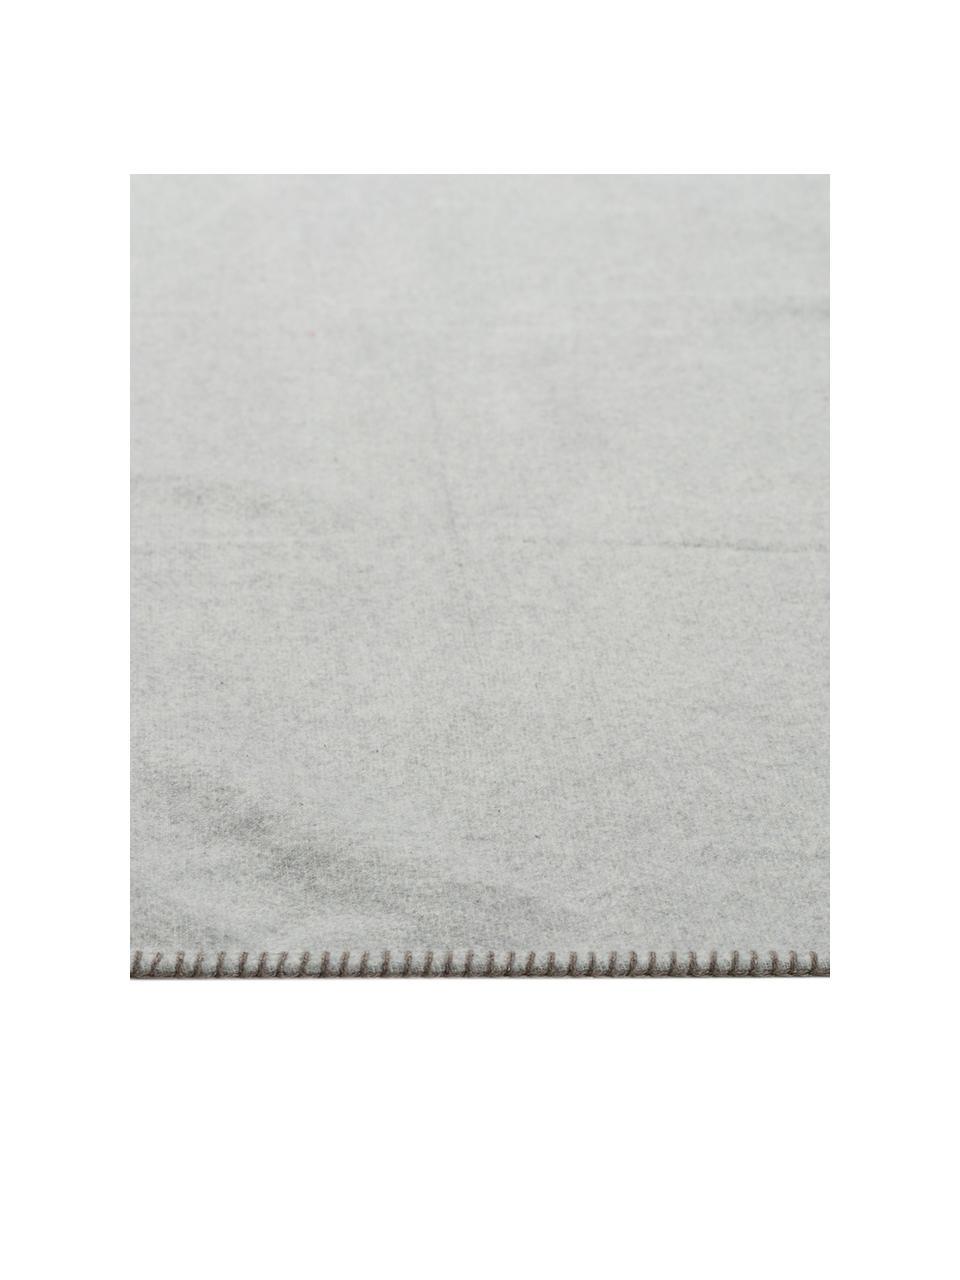 Puszysty koc Sylt Hirsch, 85% bawełna, 8% wiskoza, 7% poliakryl, Beżowy, S 140 x D 200 cm